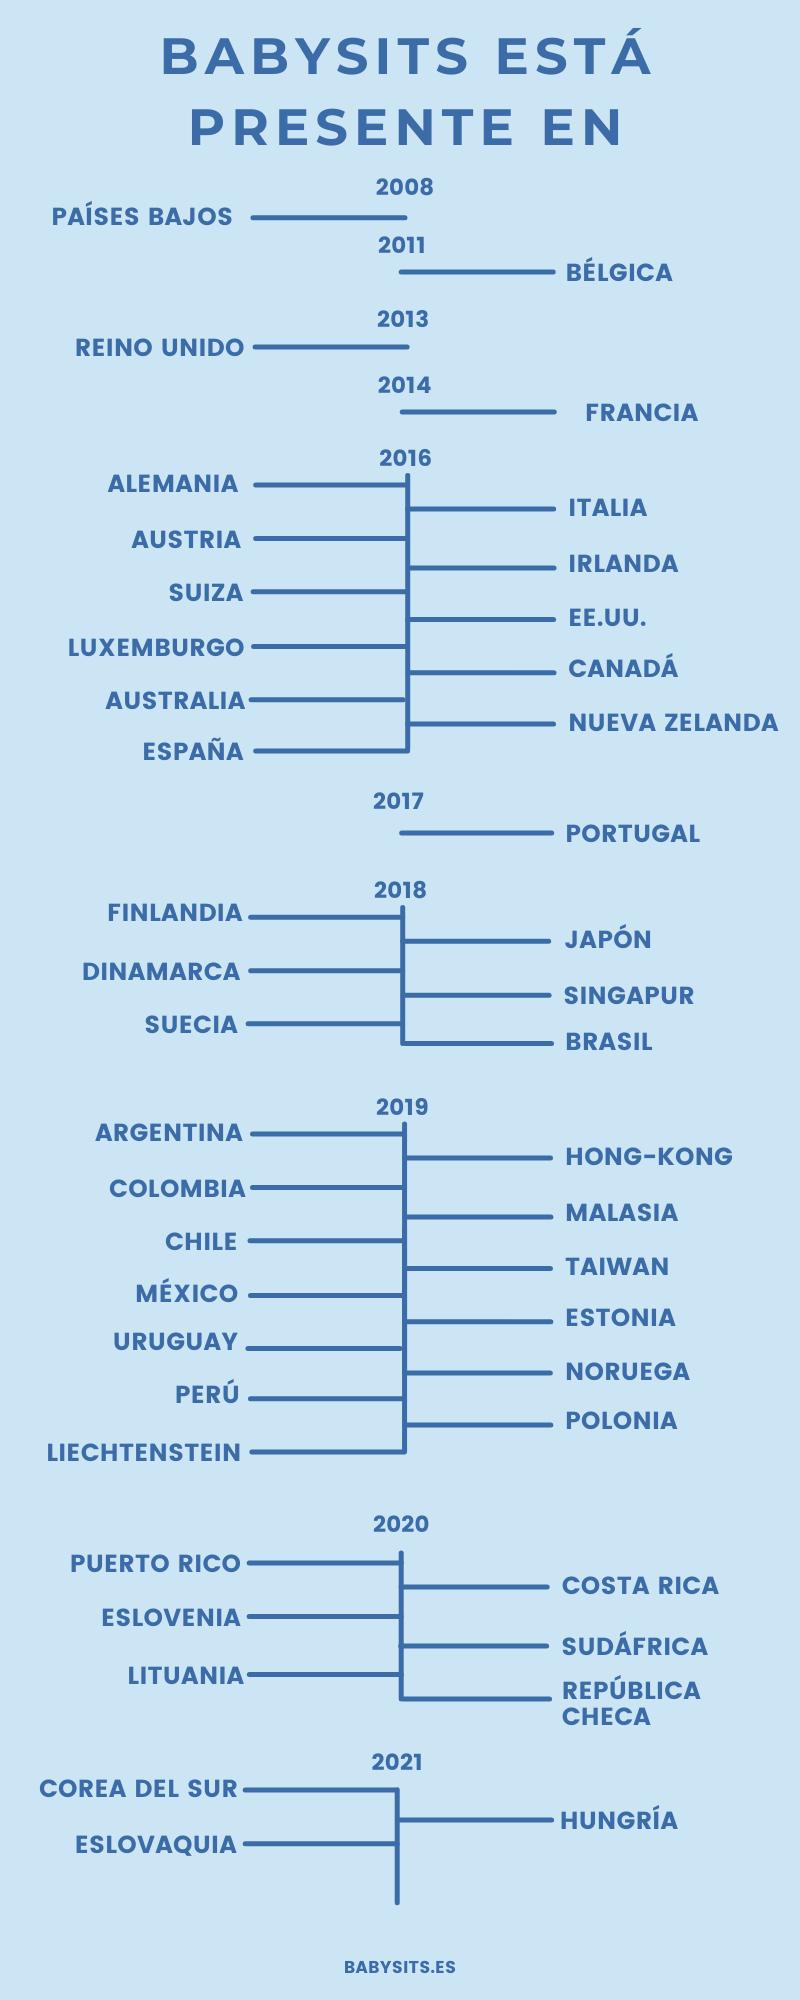 Babysits está presente en 44 países